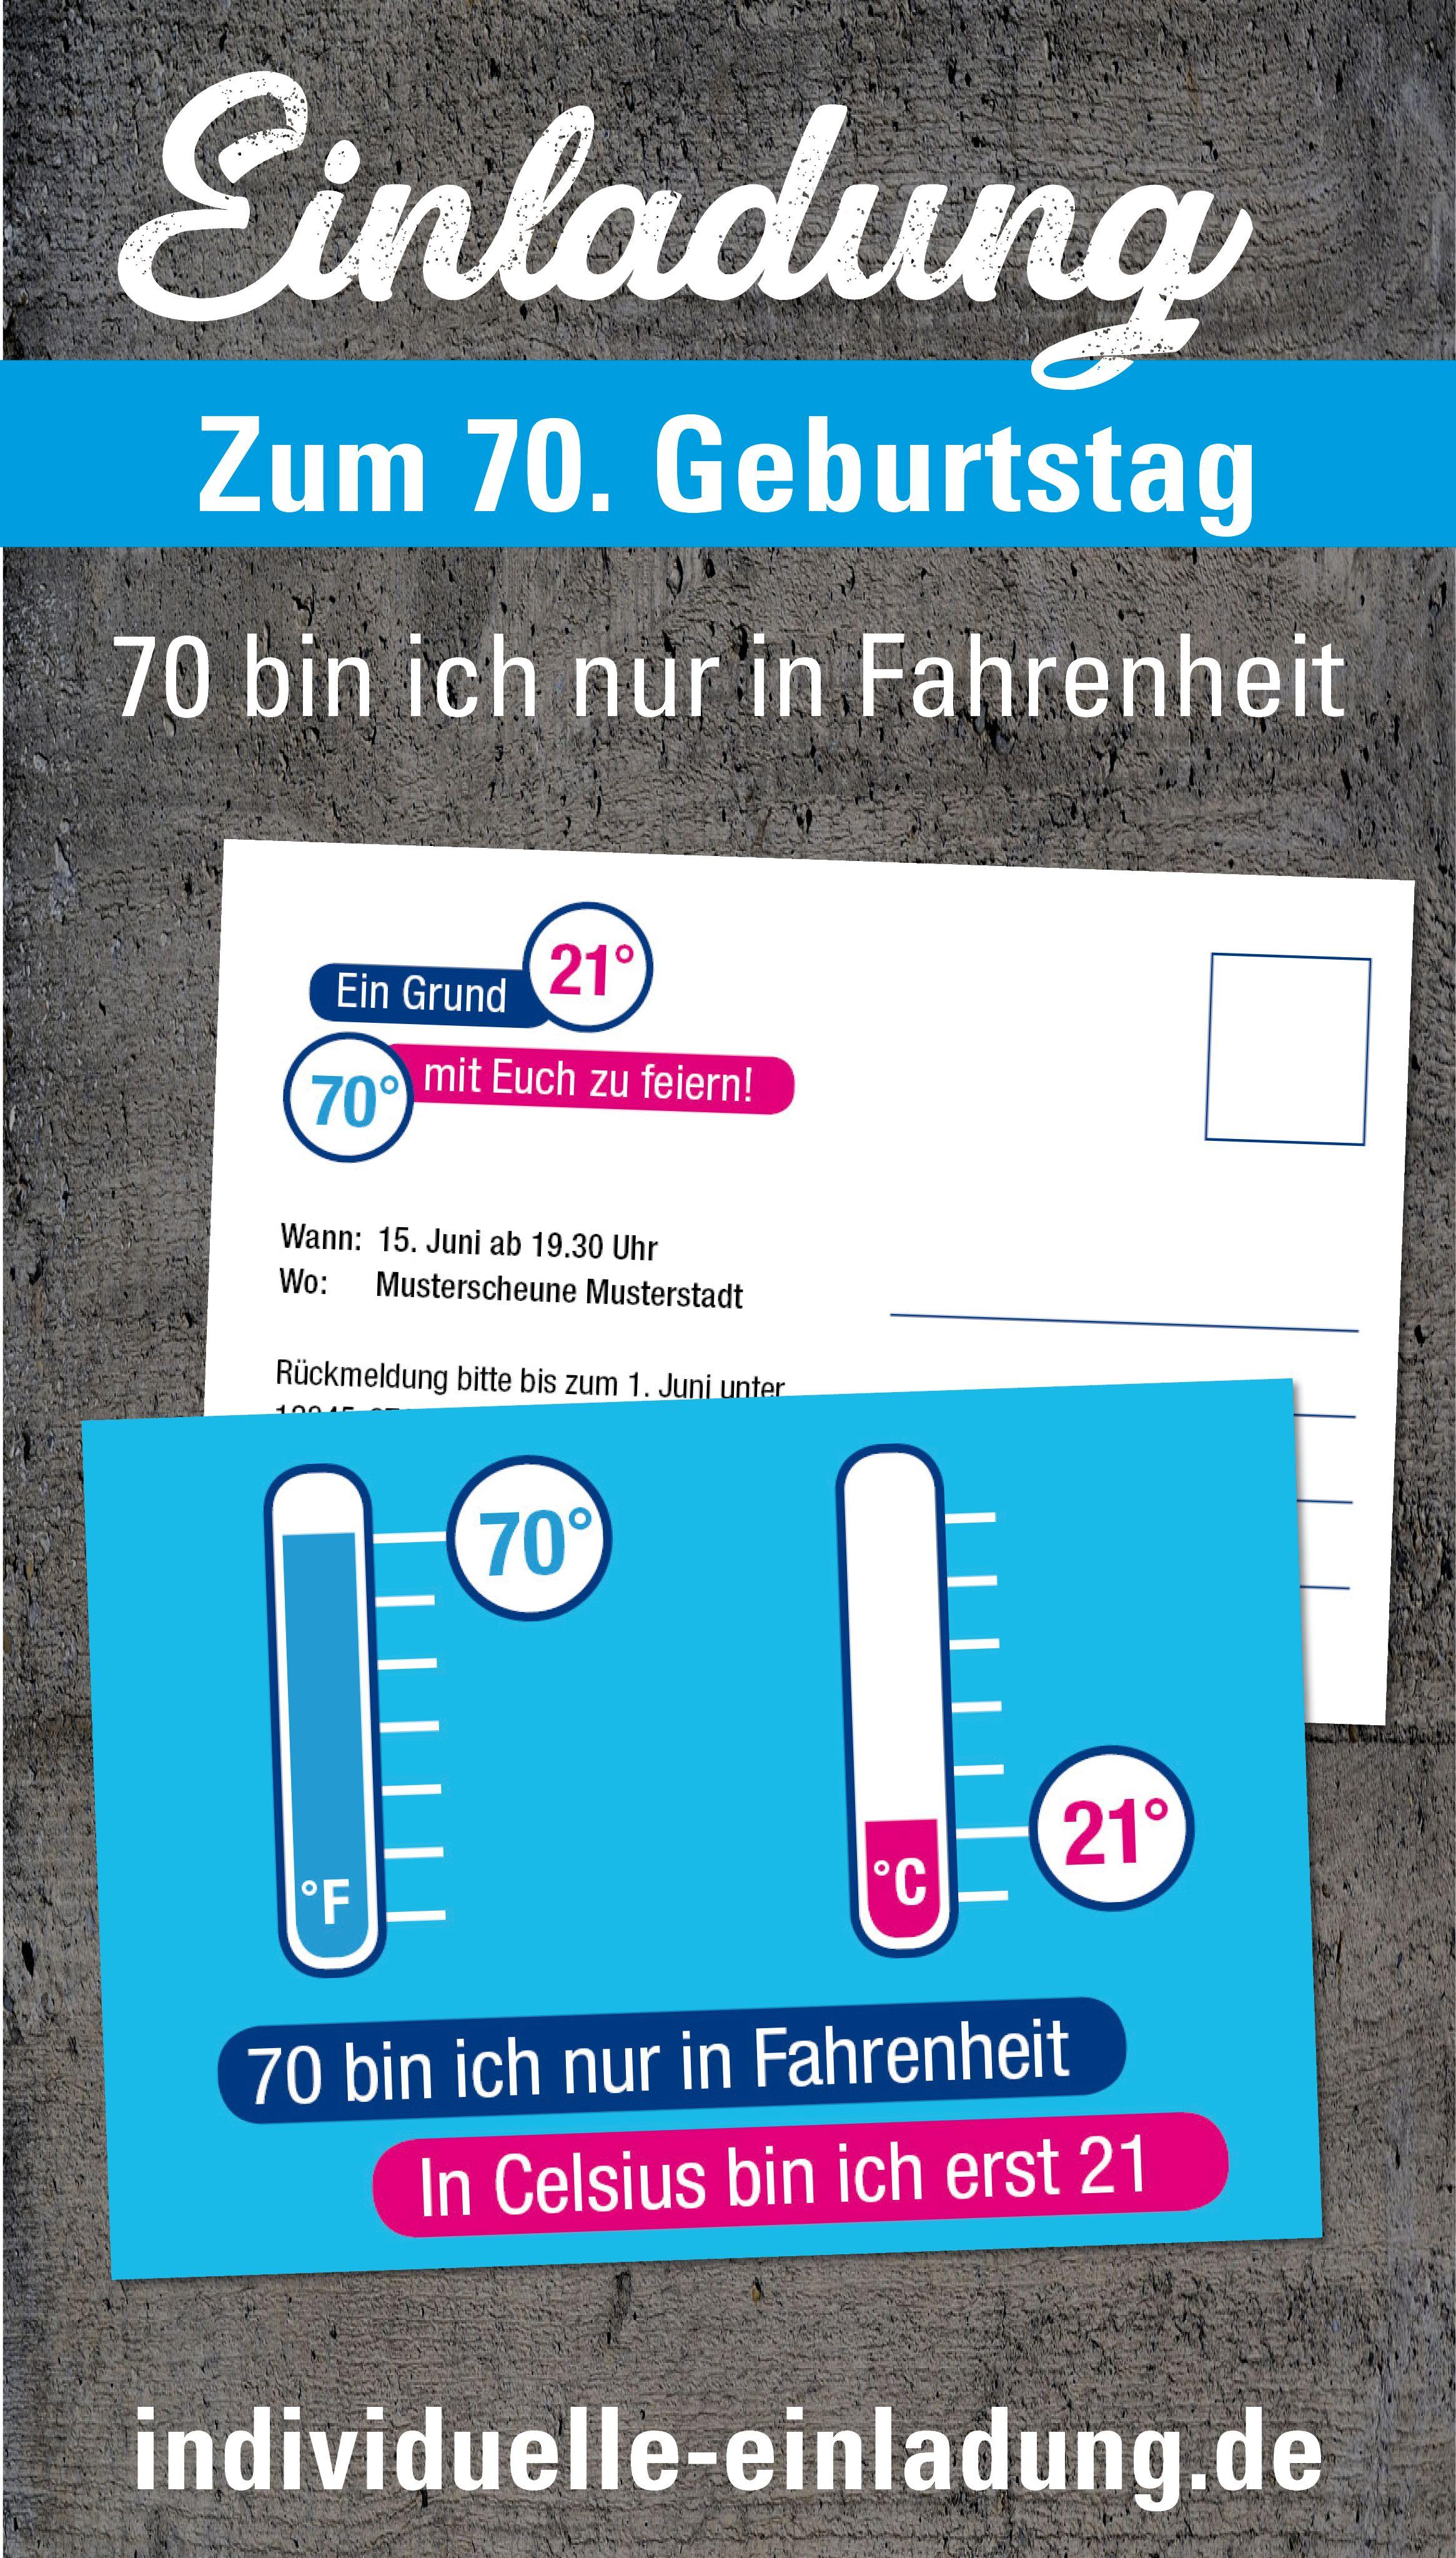 Einladung Zum 70 Geburtstag Geburtstagseinladungen Einladung 70 Geburtstag Einladungen